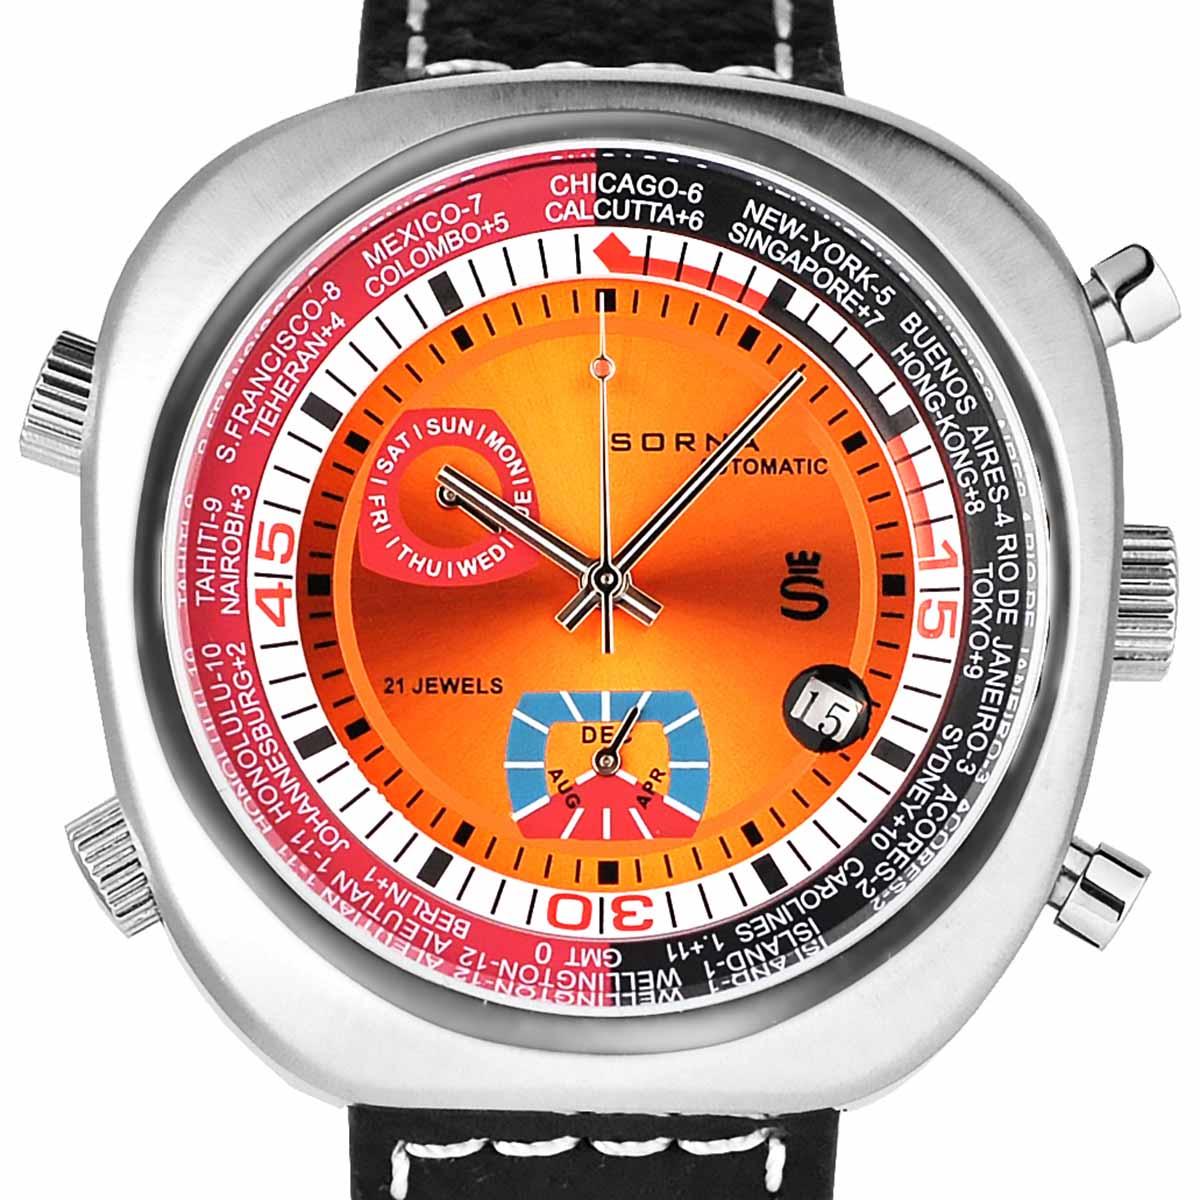 【残り1点】SORNA ソルナ 自動巻き(手巻き機能あり) 腕時計 [T23766-ORANGE] 並行輸入品 カレンダー GMT(ワールドタイム)